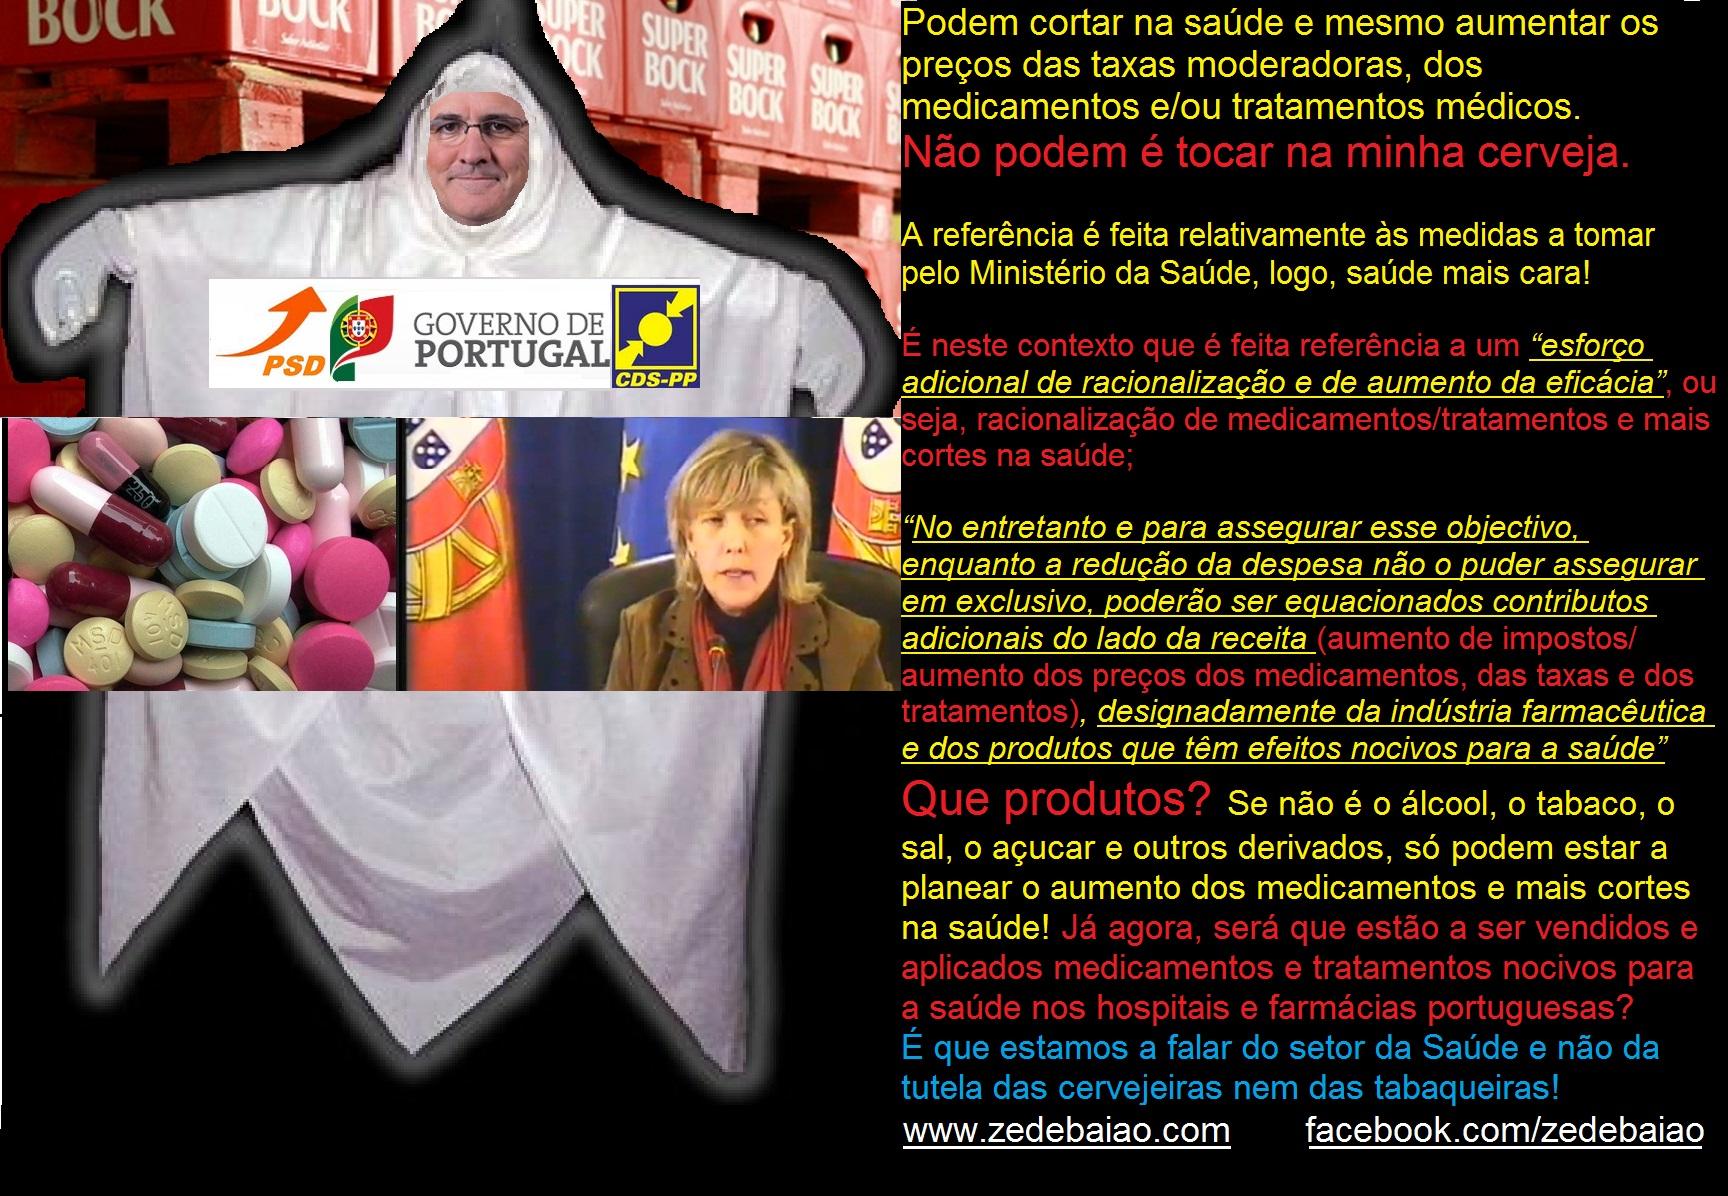 Saúde, impostos fantasma Pires de Lima Ministro da Economia Ministra das Finanças, aumento dos medicamentos e produtos nocivos para a saúde